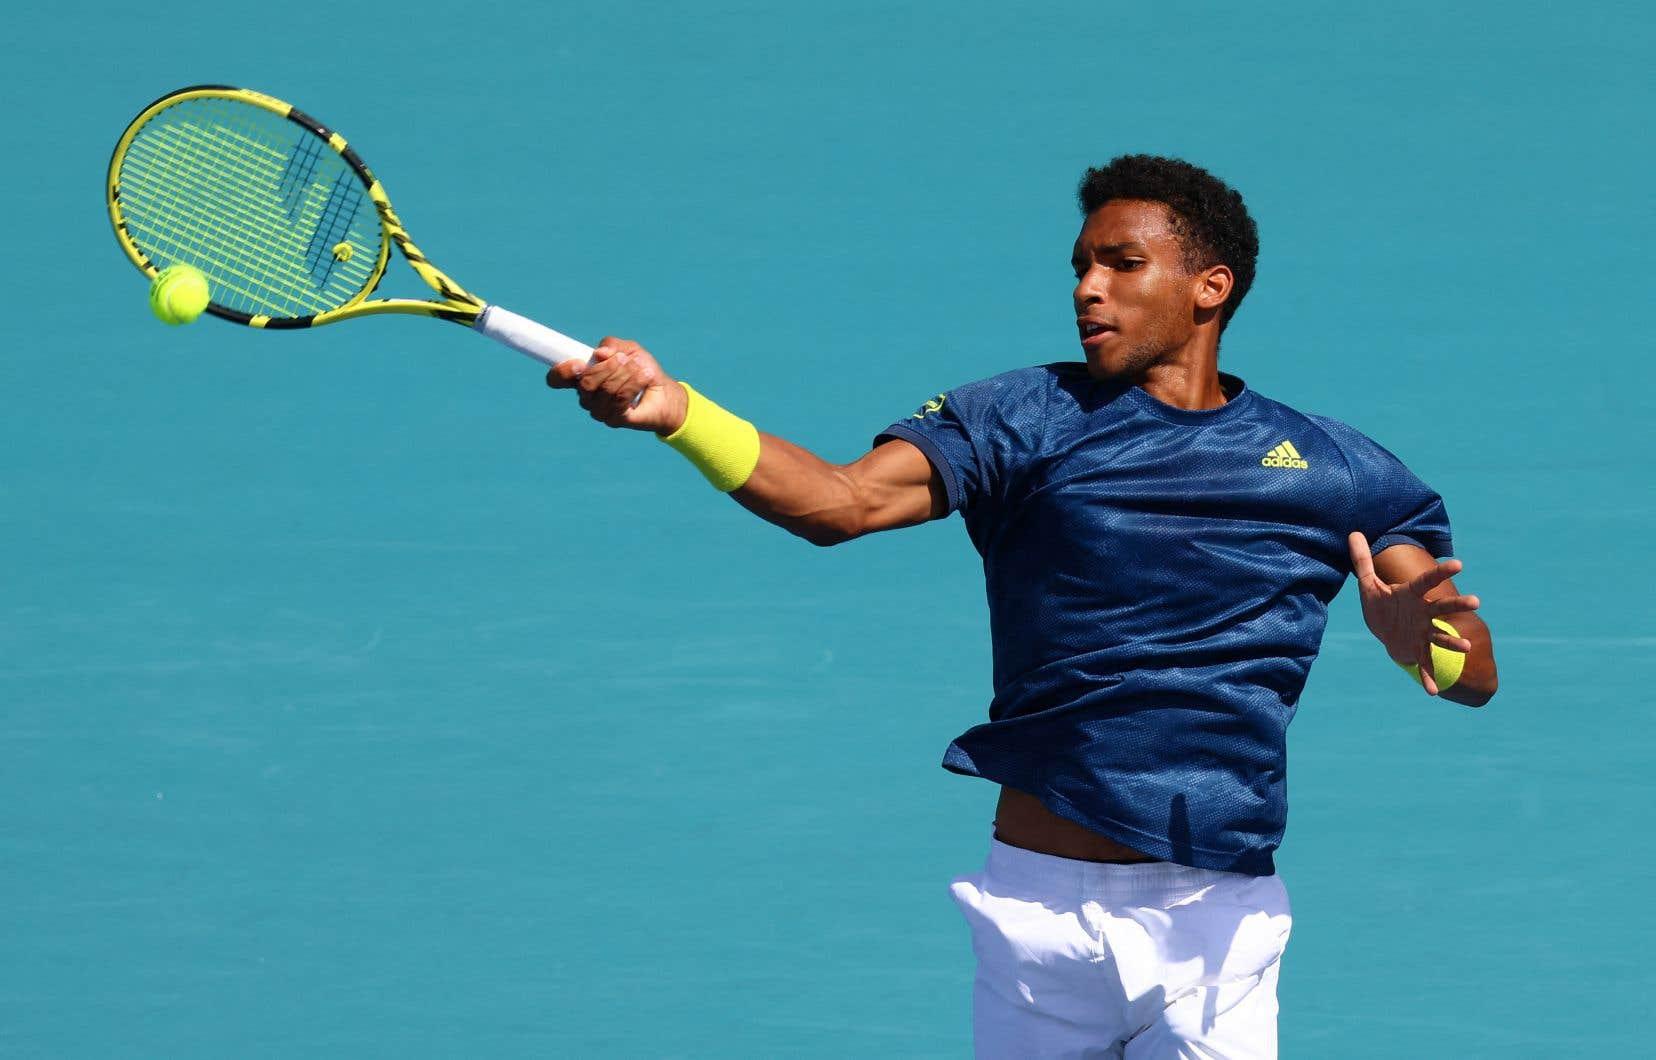 Félix Auger-Aliassimeest toujours à la recherche d'un premier titre en carrière sur le circuit de l'ATP.